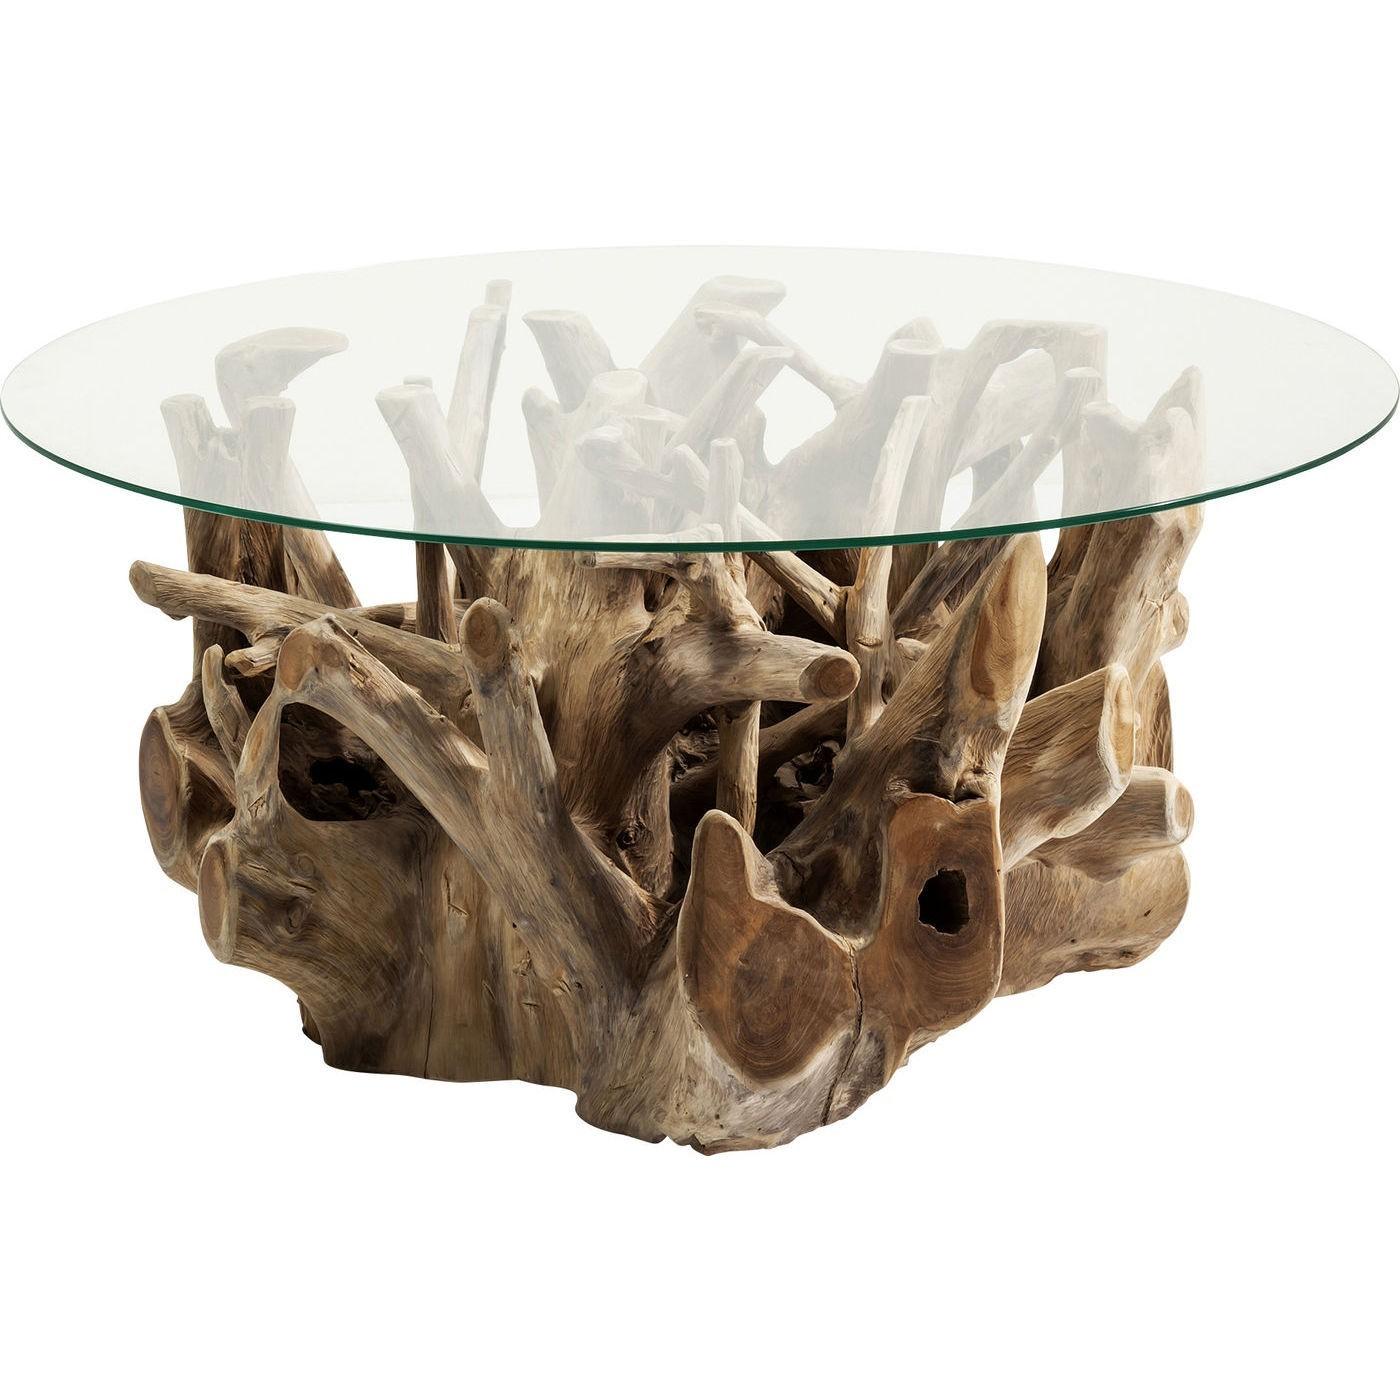 Table basse en teck flotté et verre